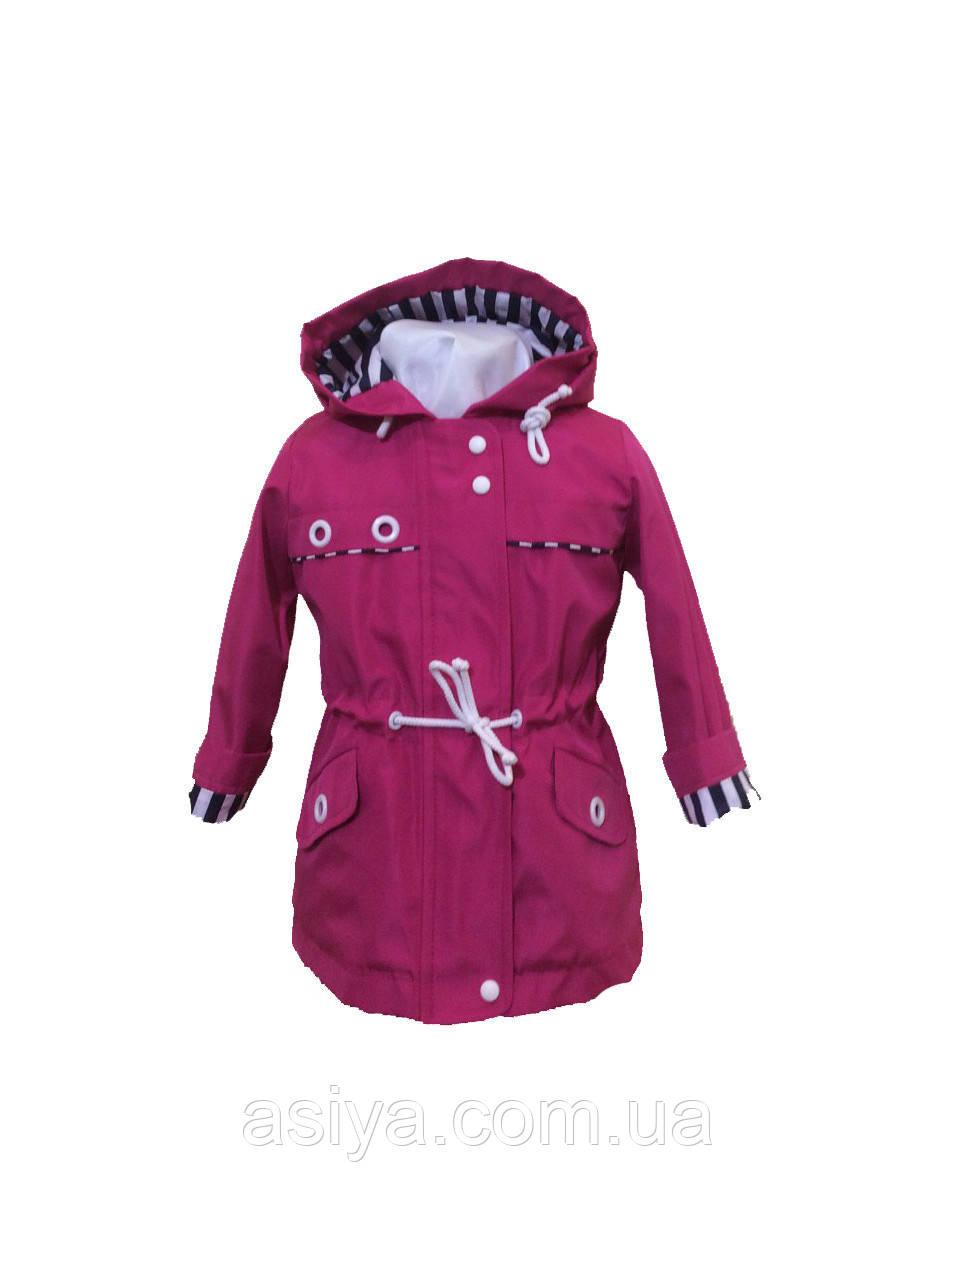 Куртка вітровка на фліс малинового кольору